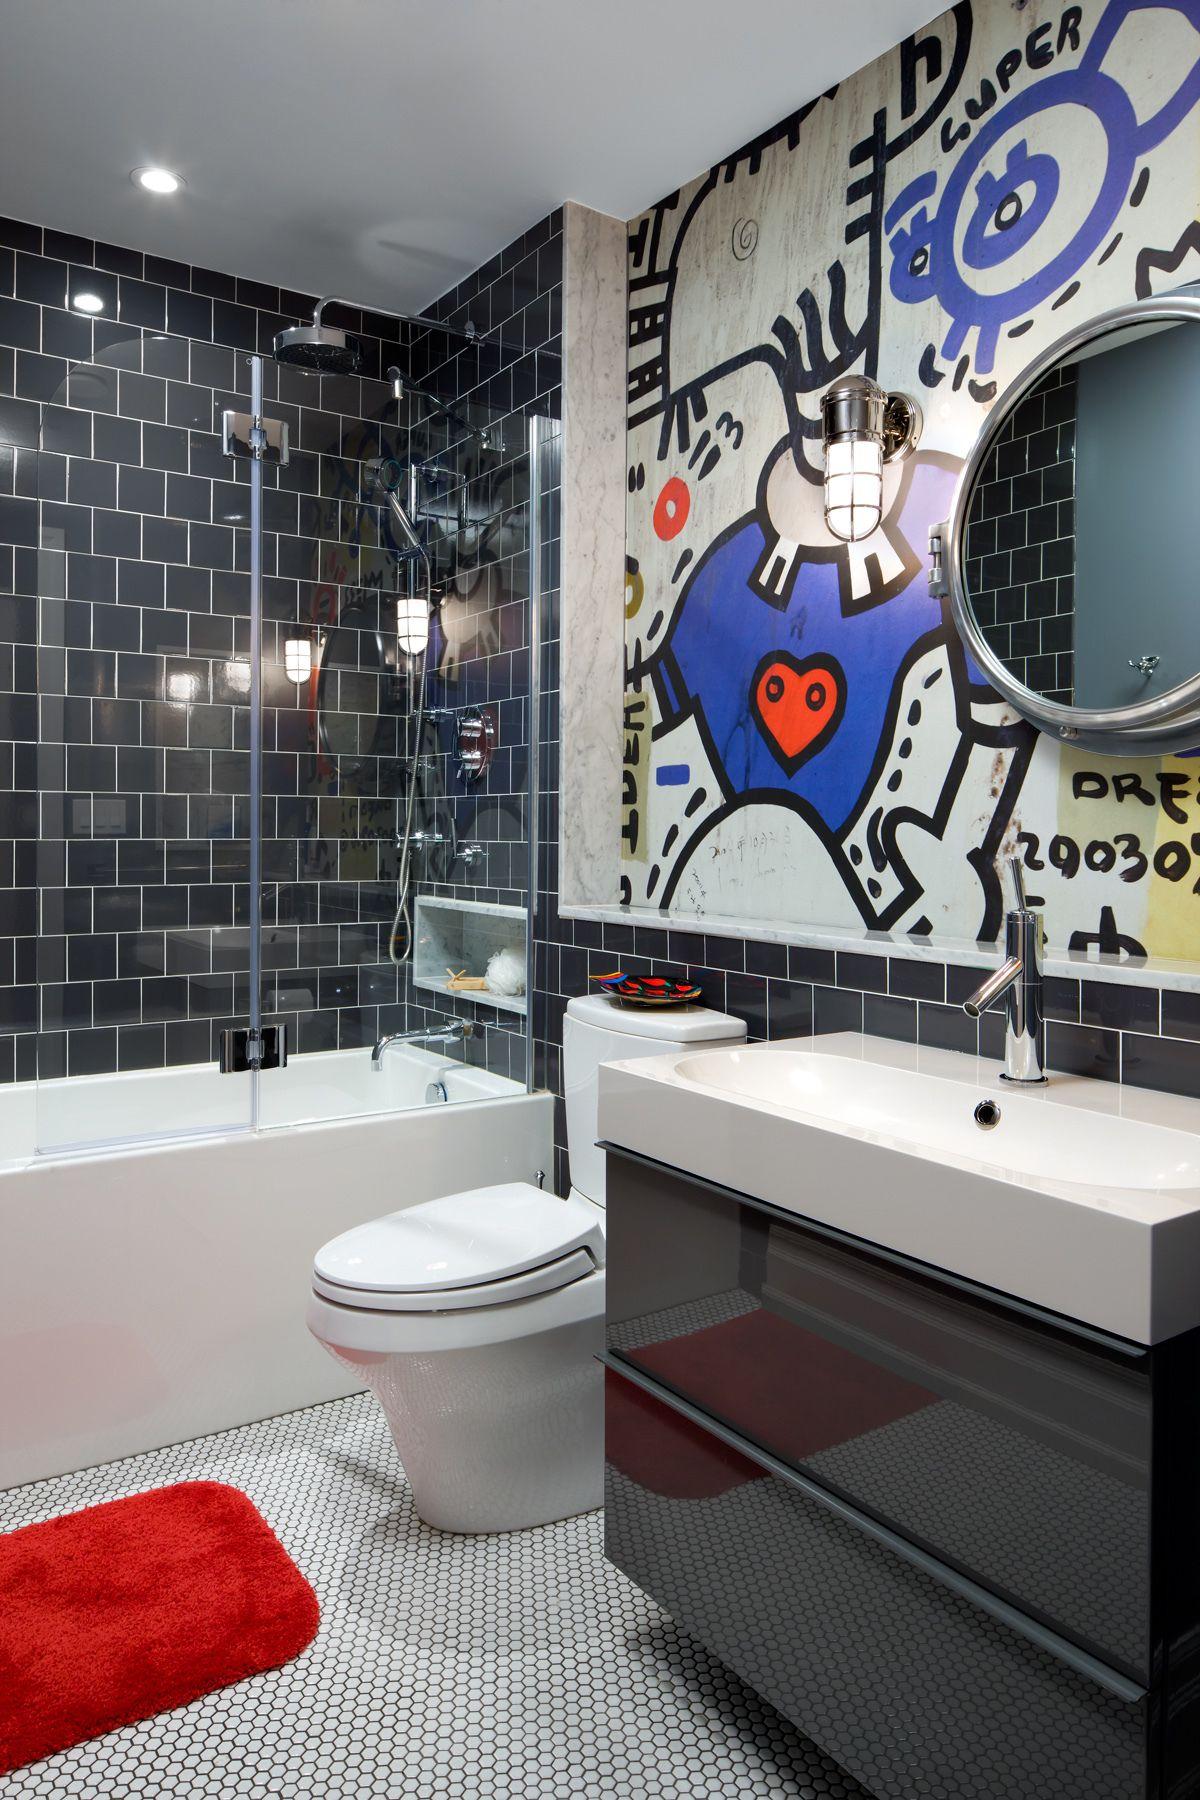 Тумба под раковину в ванную (45 фото): популярные варианты http://happymodern.ru/tumba-pod-rakovinu-v-vannuyu-45-foto-populyarnye-varianty/ Глянцевой фасад тумбы под умывальником хорошо смотрится в дуэте с такой же по цвету отражающей плиткой